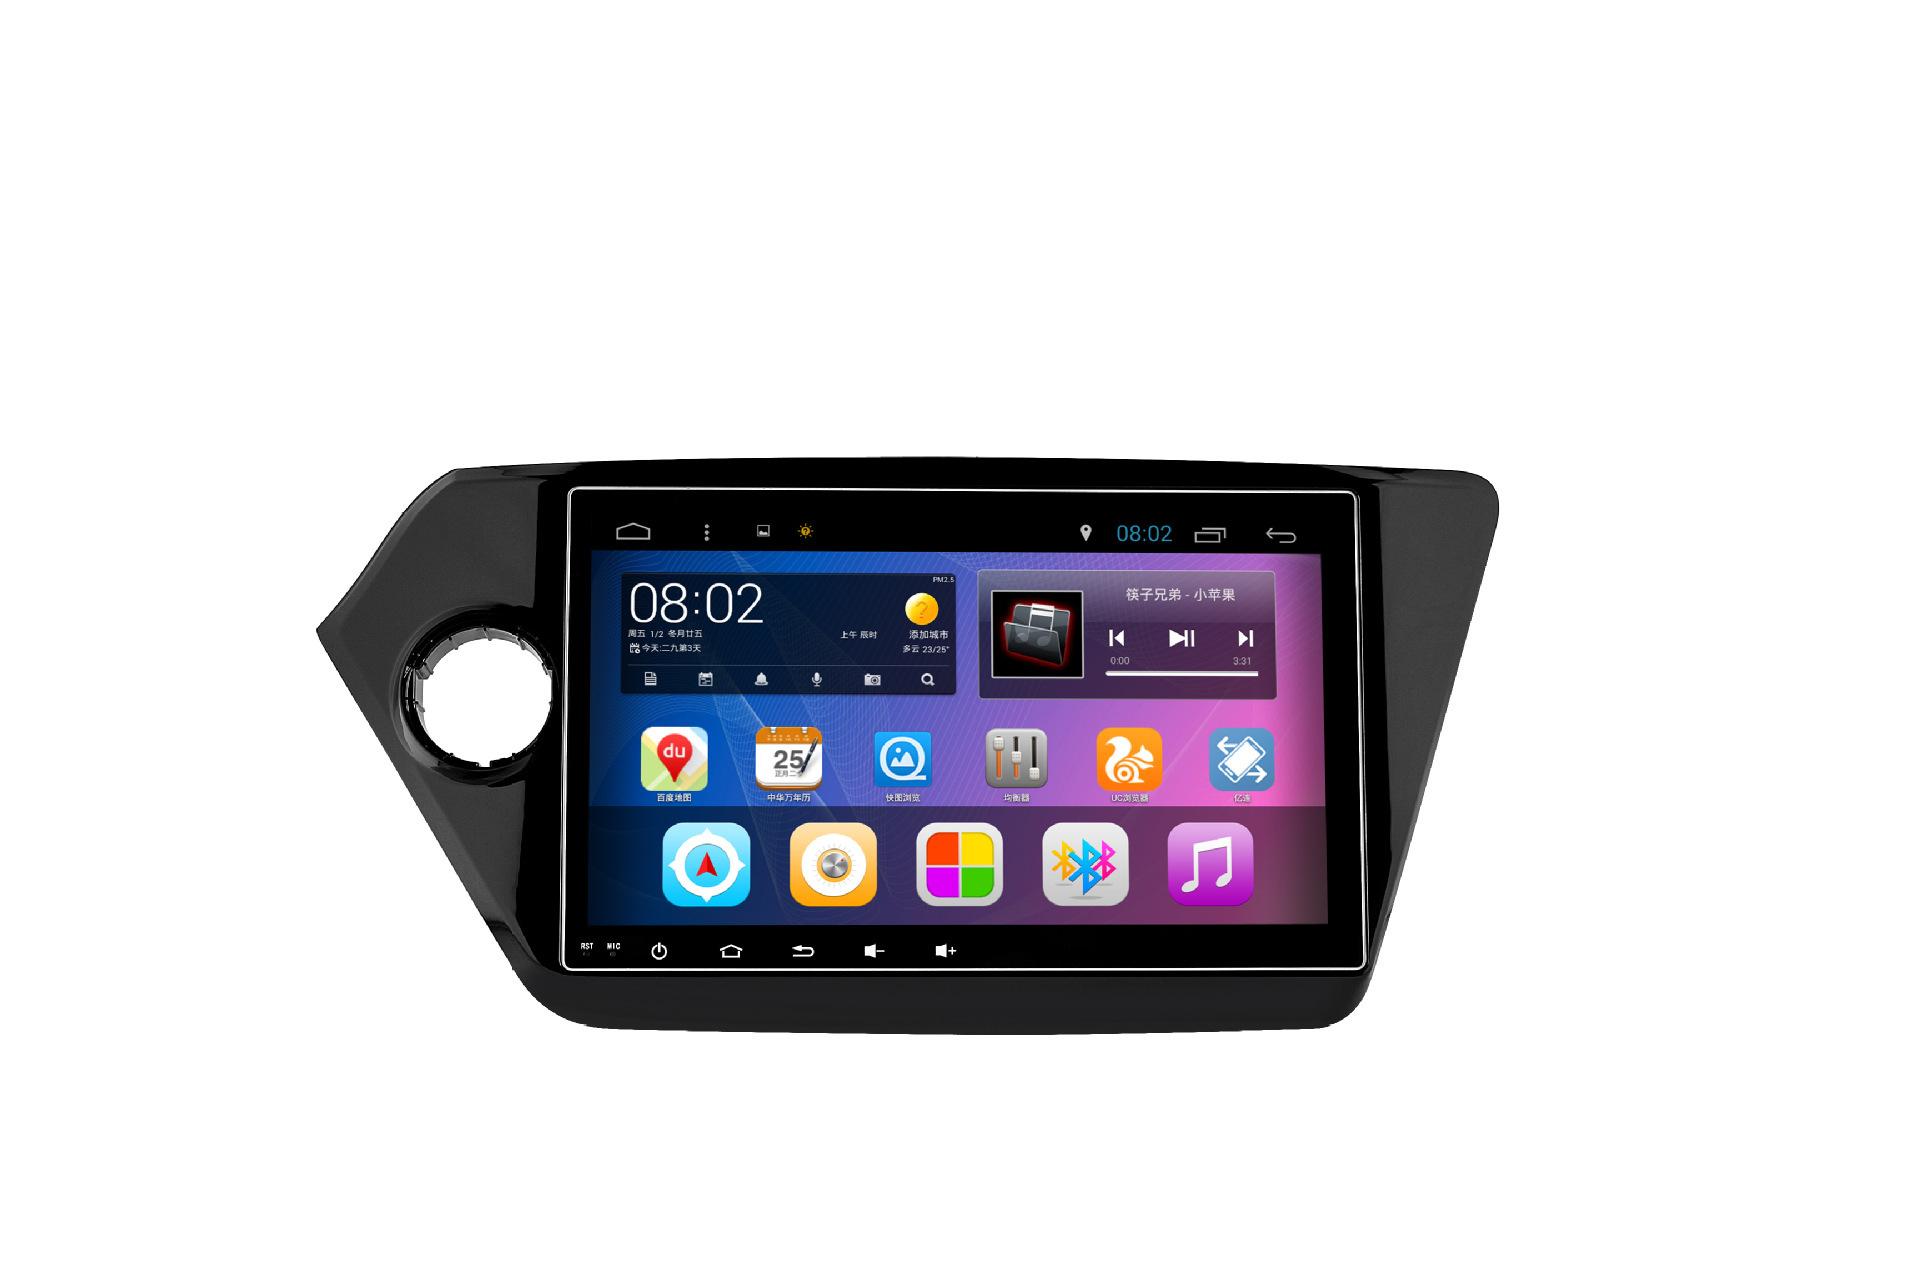 4G全网通2011款起亚K2安卓系统大屏9寸导航智能车载导航